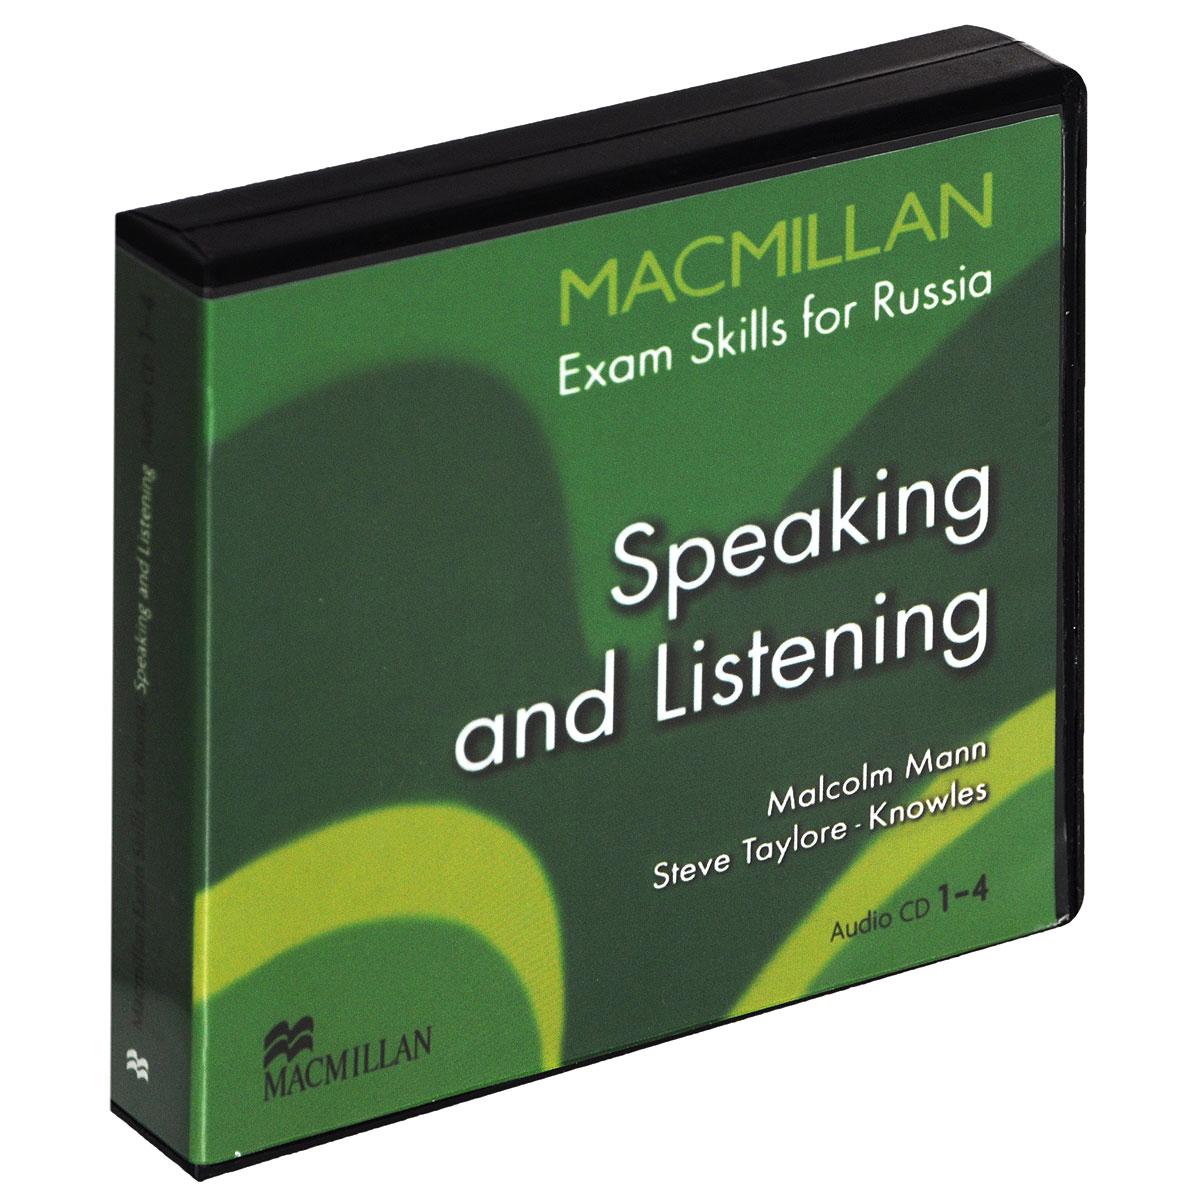 Macmillan Exam Skills for Russia: Speaking and Listening (аудиокурс на 4 CD)